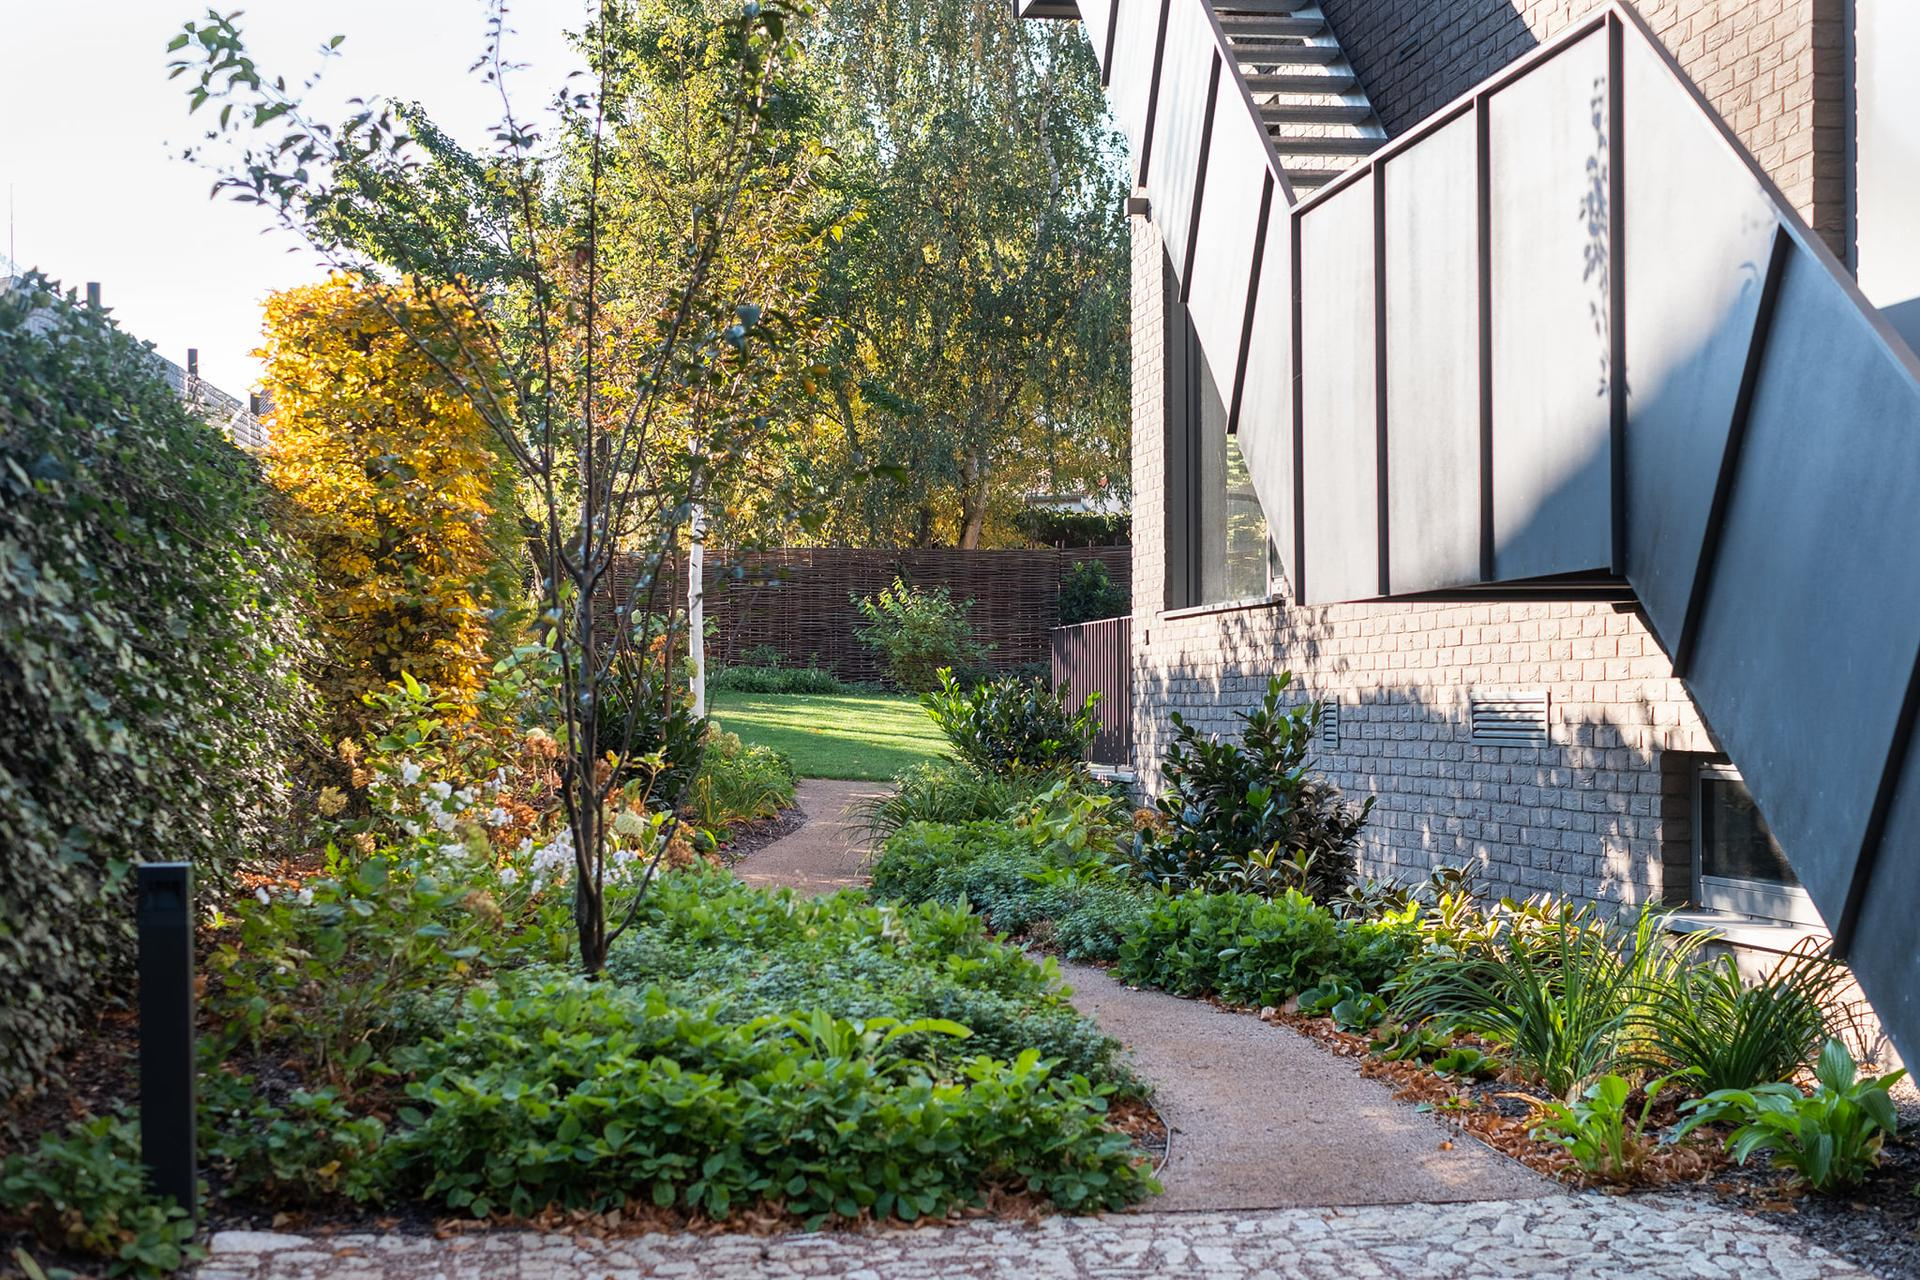 Ferdinandove záhrady - inspirace z Atelieru Flera - Obrázek č. 53